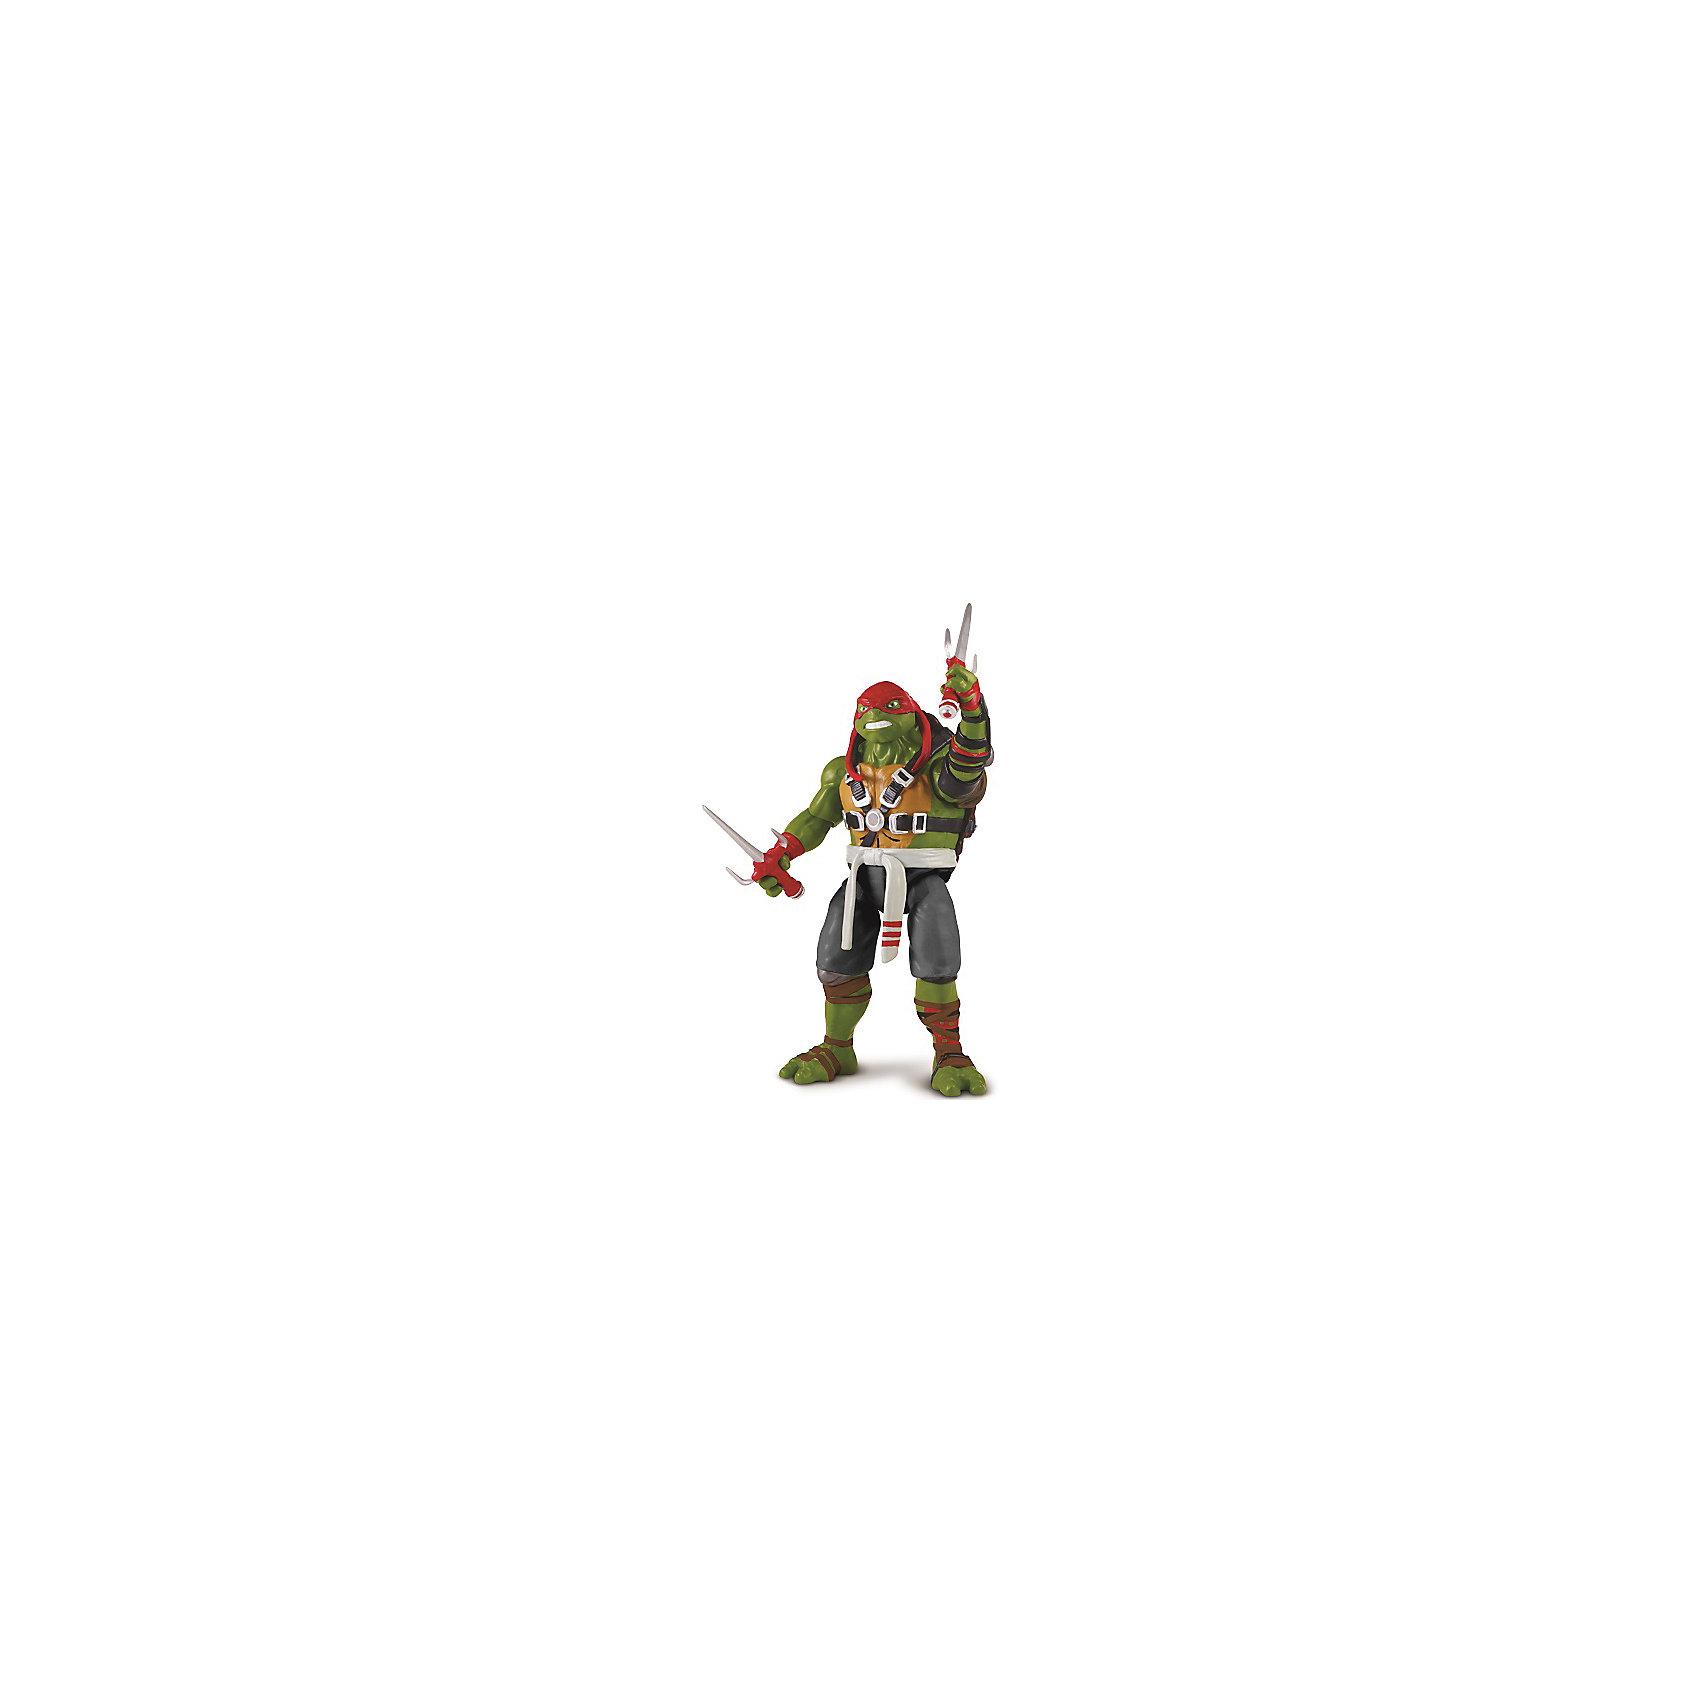 Фигурка Раф, 14 см, со звуком, Черепашки НиндзяКоллекционные и игровые фигурки<br>Фигурка Раф, 14 см, со звуком, Черепашки Ниндзя - это тщательно проработанная функциональная фигурка со звуковыми эффектами.<br>Фигурка Черепашки-ниндзя Раф выглядит очень реалистично и имеет высокую степень детализации, можно разглядеть складки и все элементы костюма. Детали фигурки тщательно скопированы с одноименного героя фильма. Чтобы активировать звуковые эффекты (на английском языке), достаточно сдвинуть вниз рюкзак на спине. Руки и ноги фигурки сгибаются. Руки имеют специальные крепления для удержания оружия. С фигуркой черепашки Раф ваш ребенок сможет разыграть любимую сцену из фильма или придумать сценарий своей схватки со злодеями. Раф обязательно выйдет из неё победителем, так как он вооружен уникальными кинжалами сай. Продукция изготовлена из прочного пластика, окрашенного нетоксичными, безопасными для детей красителями.<br><br>Дополнительная информация:<br><br>- В комплекте: фигурка, кинжалы сай 2 шт.<br>- Высота фигурки: 14 см.<br>- Материал: пластик<br>- Батарейки: 3 типа LR44 (входят в комплект)<br><br>Фигурку Рафа, 14 см, со звуком, Черепашки Ниндзя можно купить в нашем интернет-магазине.<br><br>Ширина мм: 305<br>Глубина мм: 77<br>Высота мм: 195<br>Вес г: 318<br>Возраст от месяцев: 36<br>Возраст до месяцев: 84<br>Пол: Мужской<br>Возраст: Детский<br>SKU: 4726760